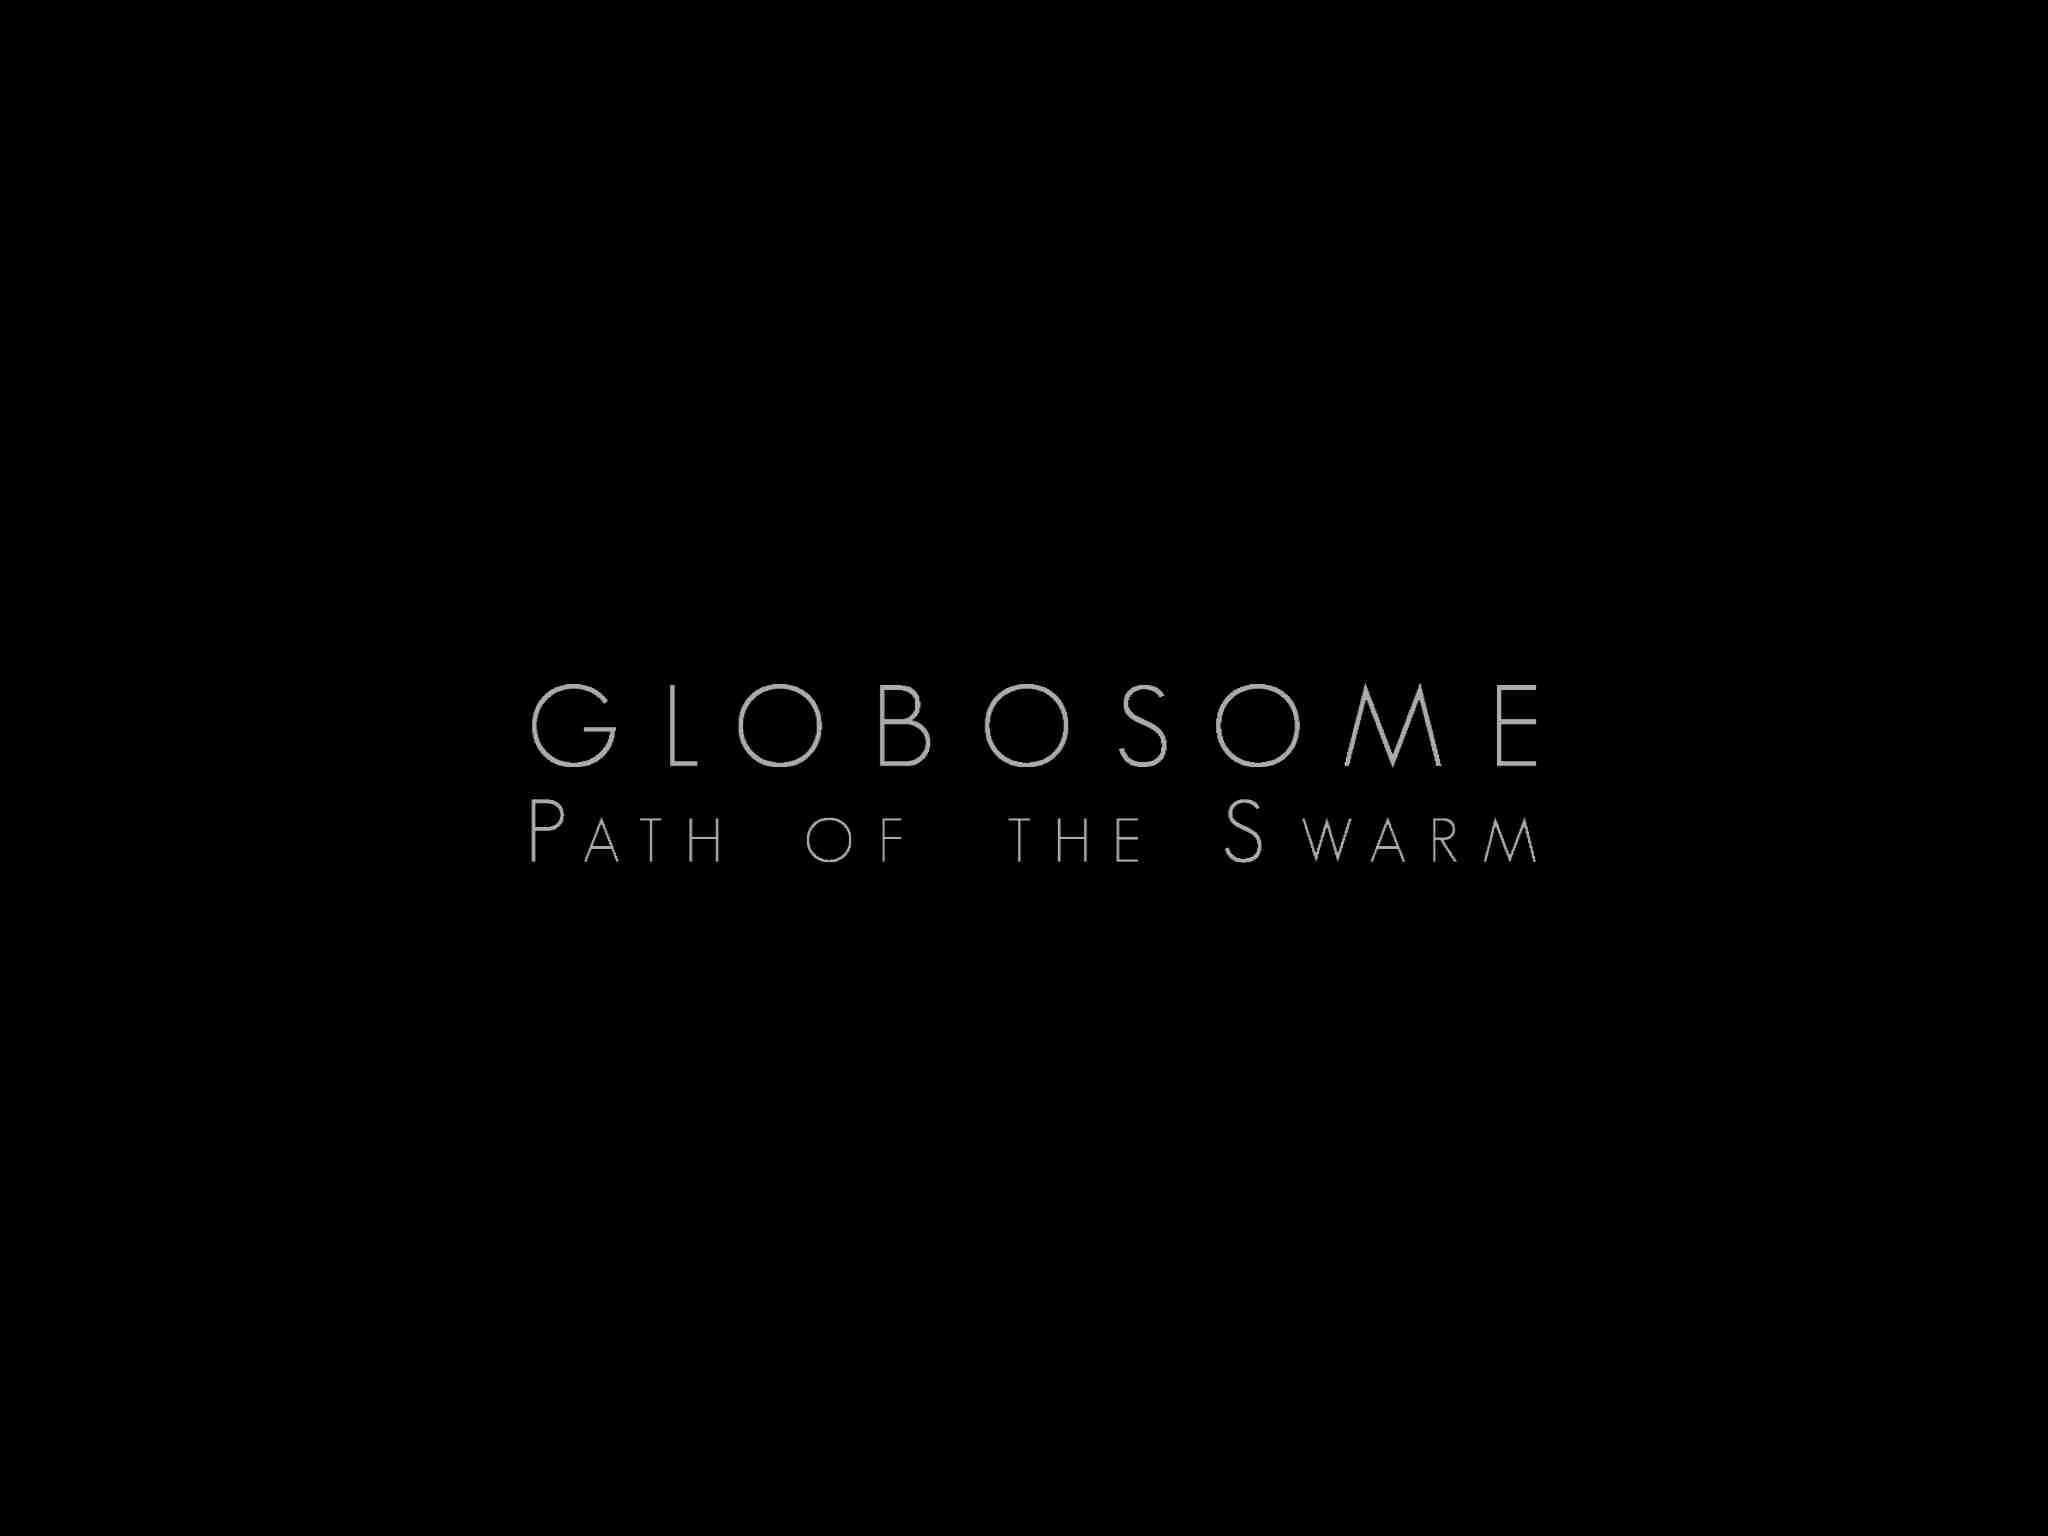 Globosmome_01